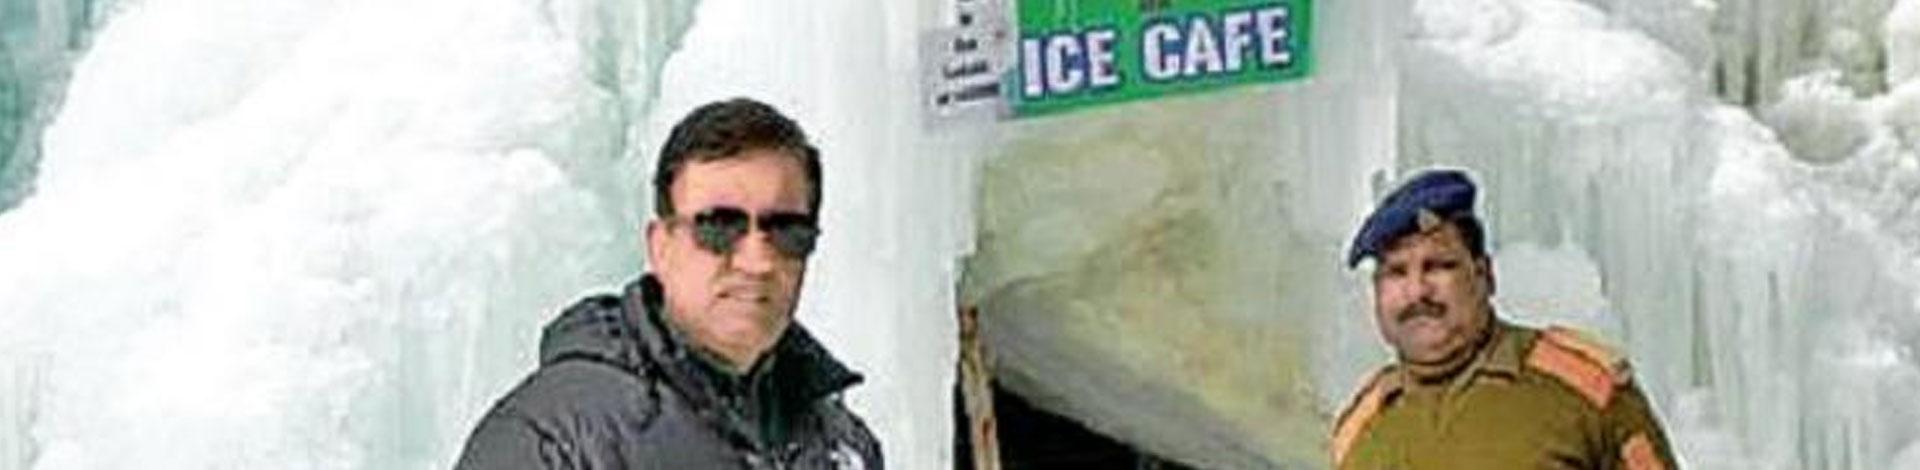 Ice-Cafe-5